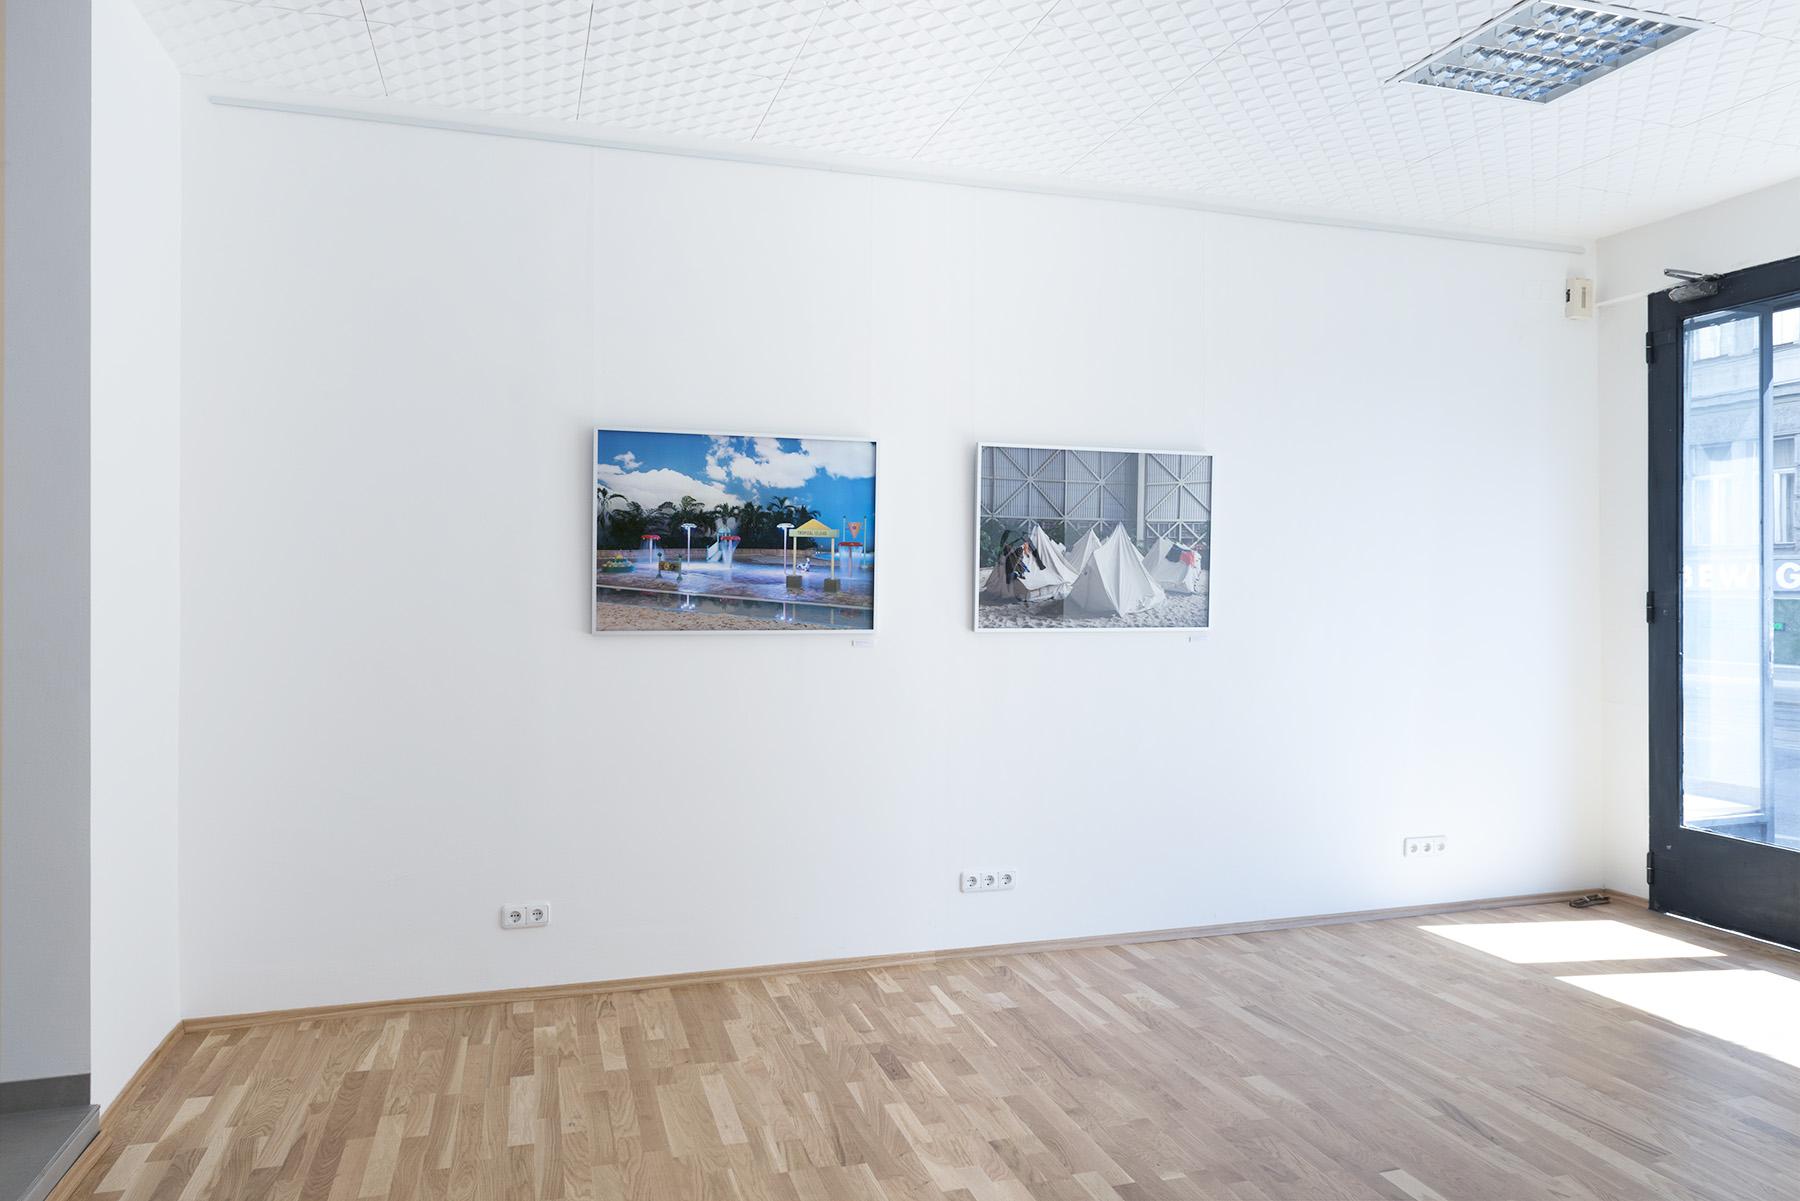 Recreation Now & Krausnick, Raumteiler Vienna, AT, 2014